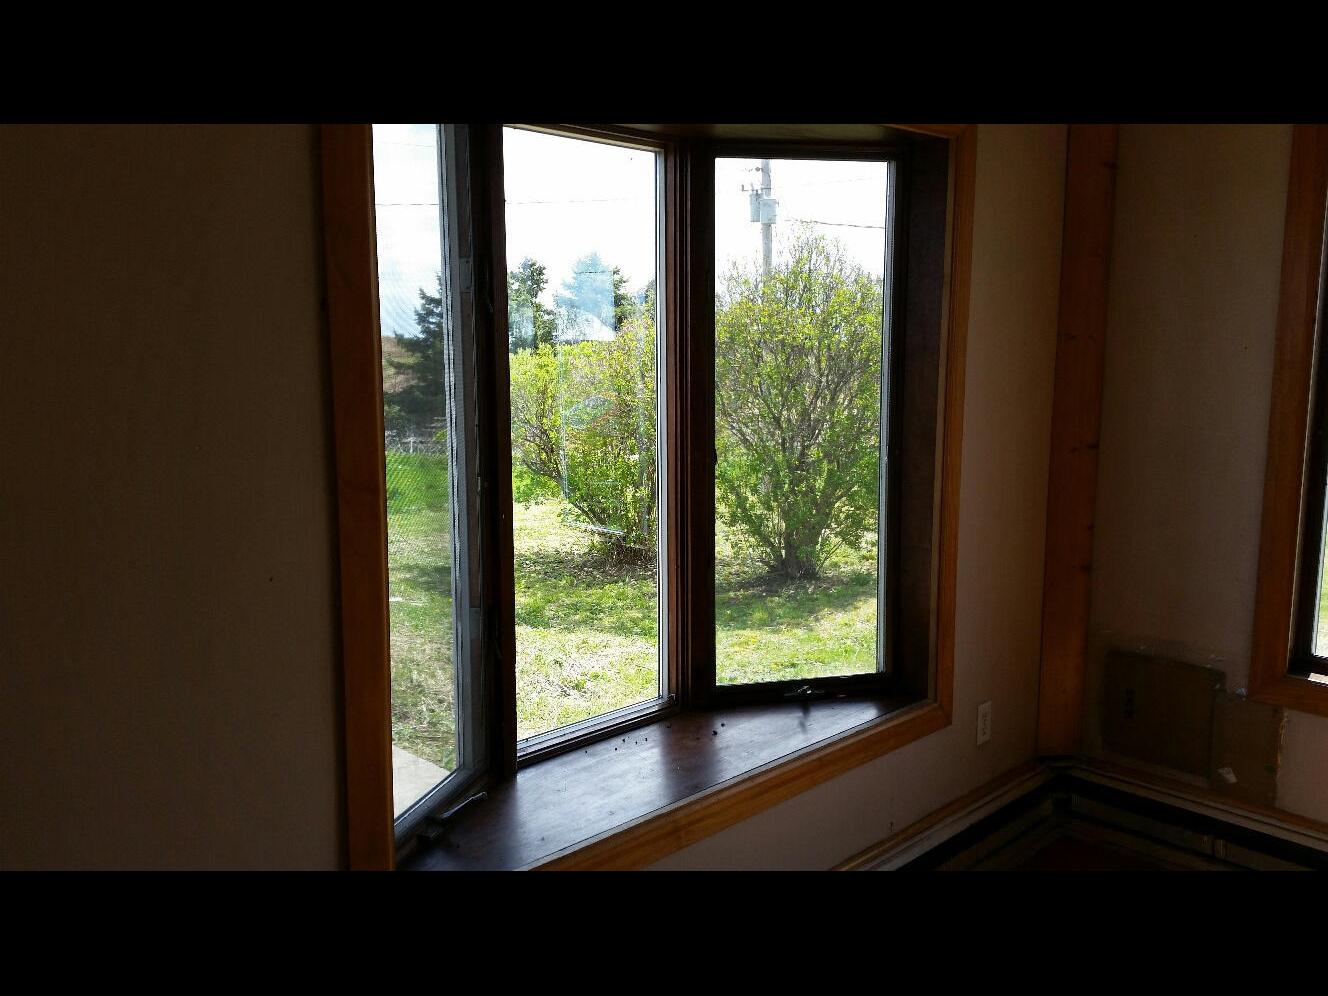 Hannon Bay Window